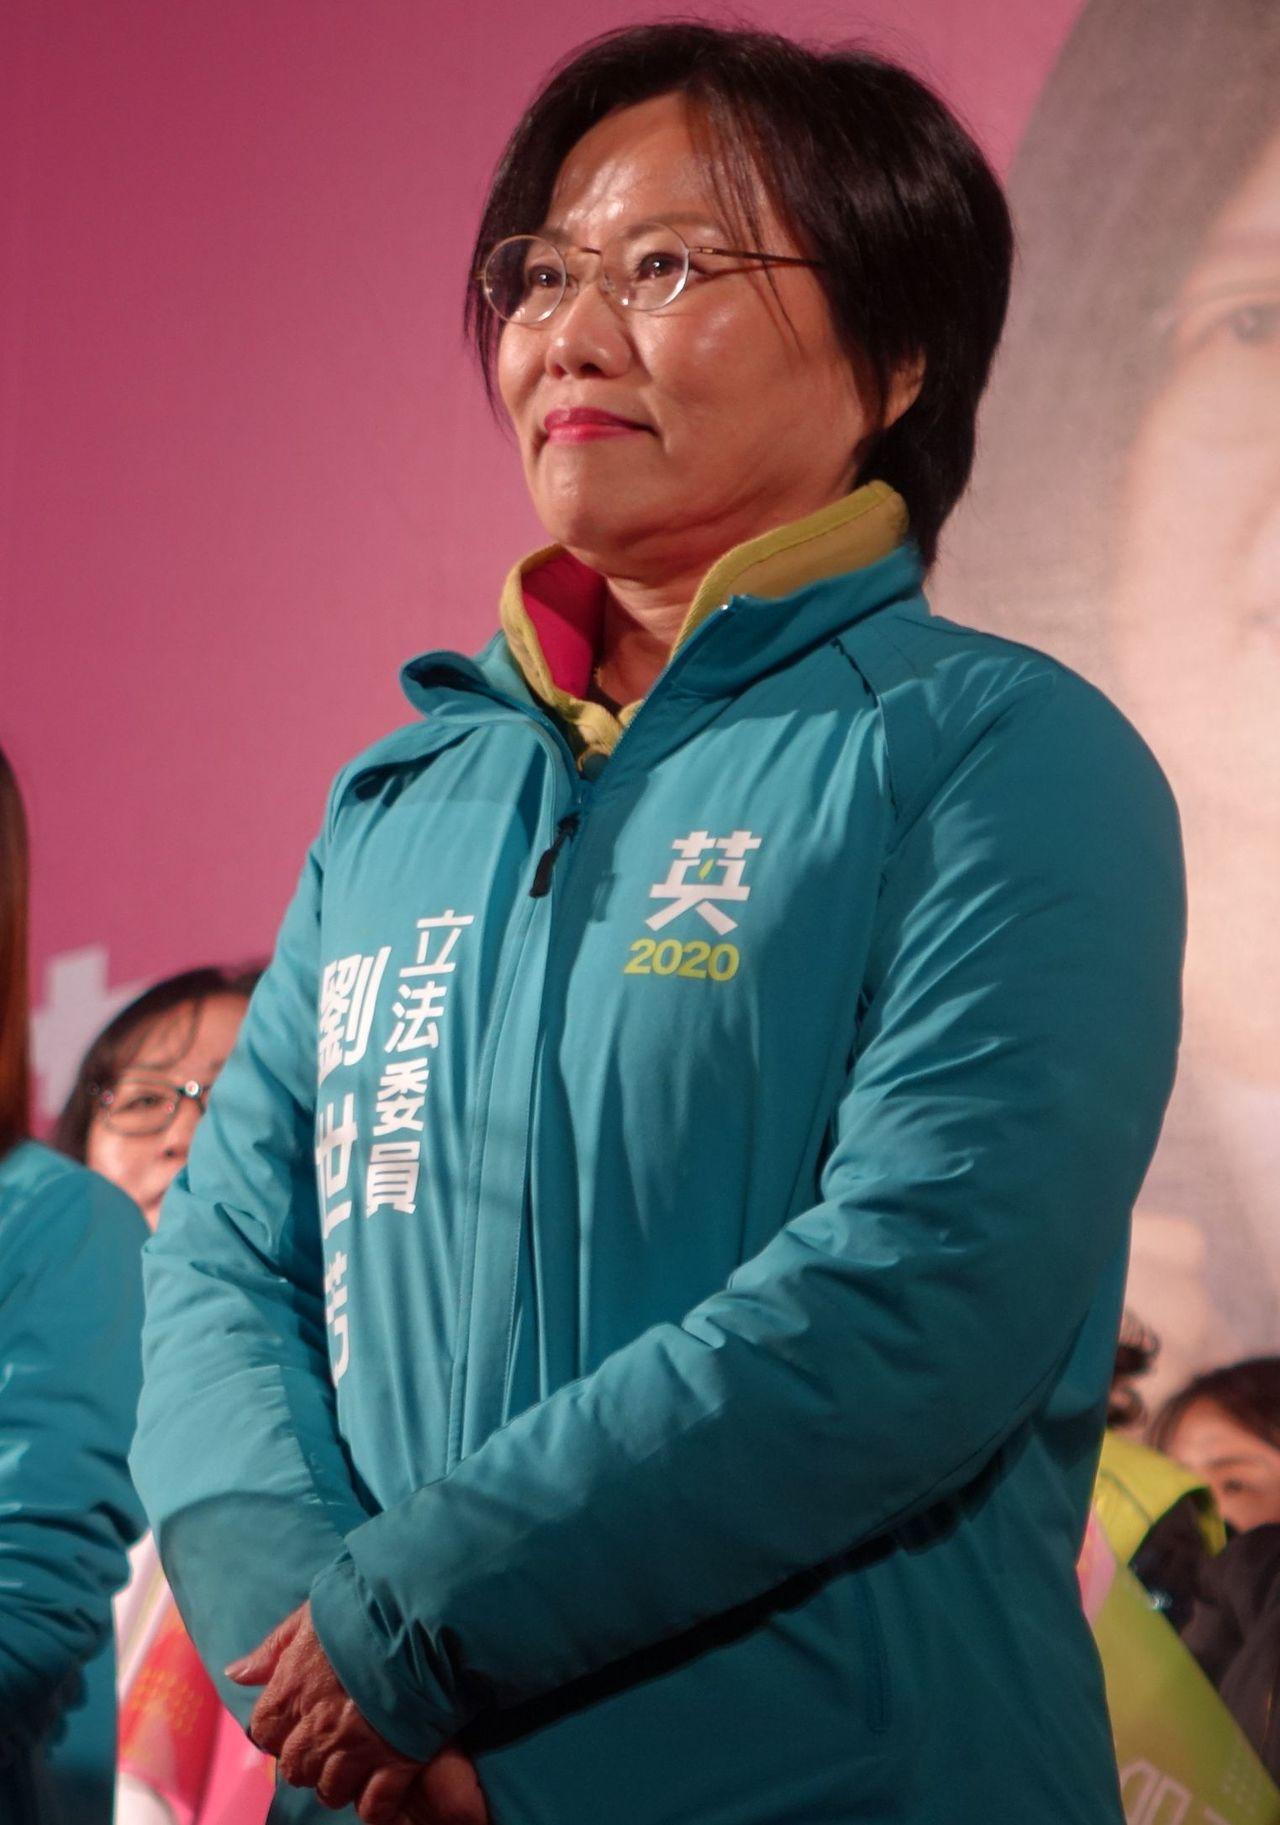 高雄市立委第三選區民進黨立委參選人劉世芳。記者楊濡嘉/攝影